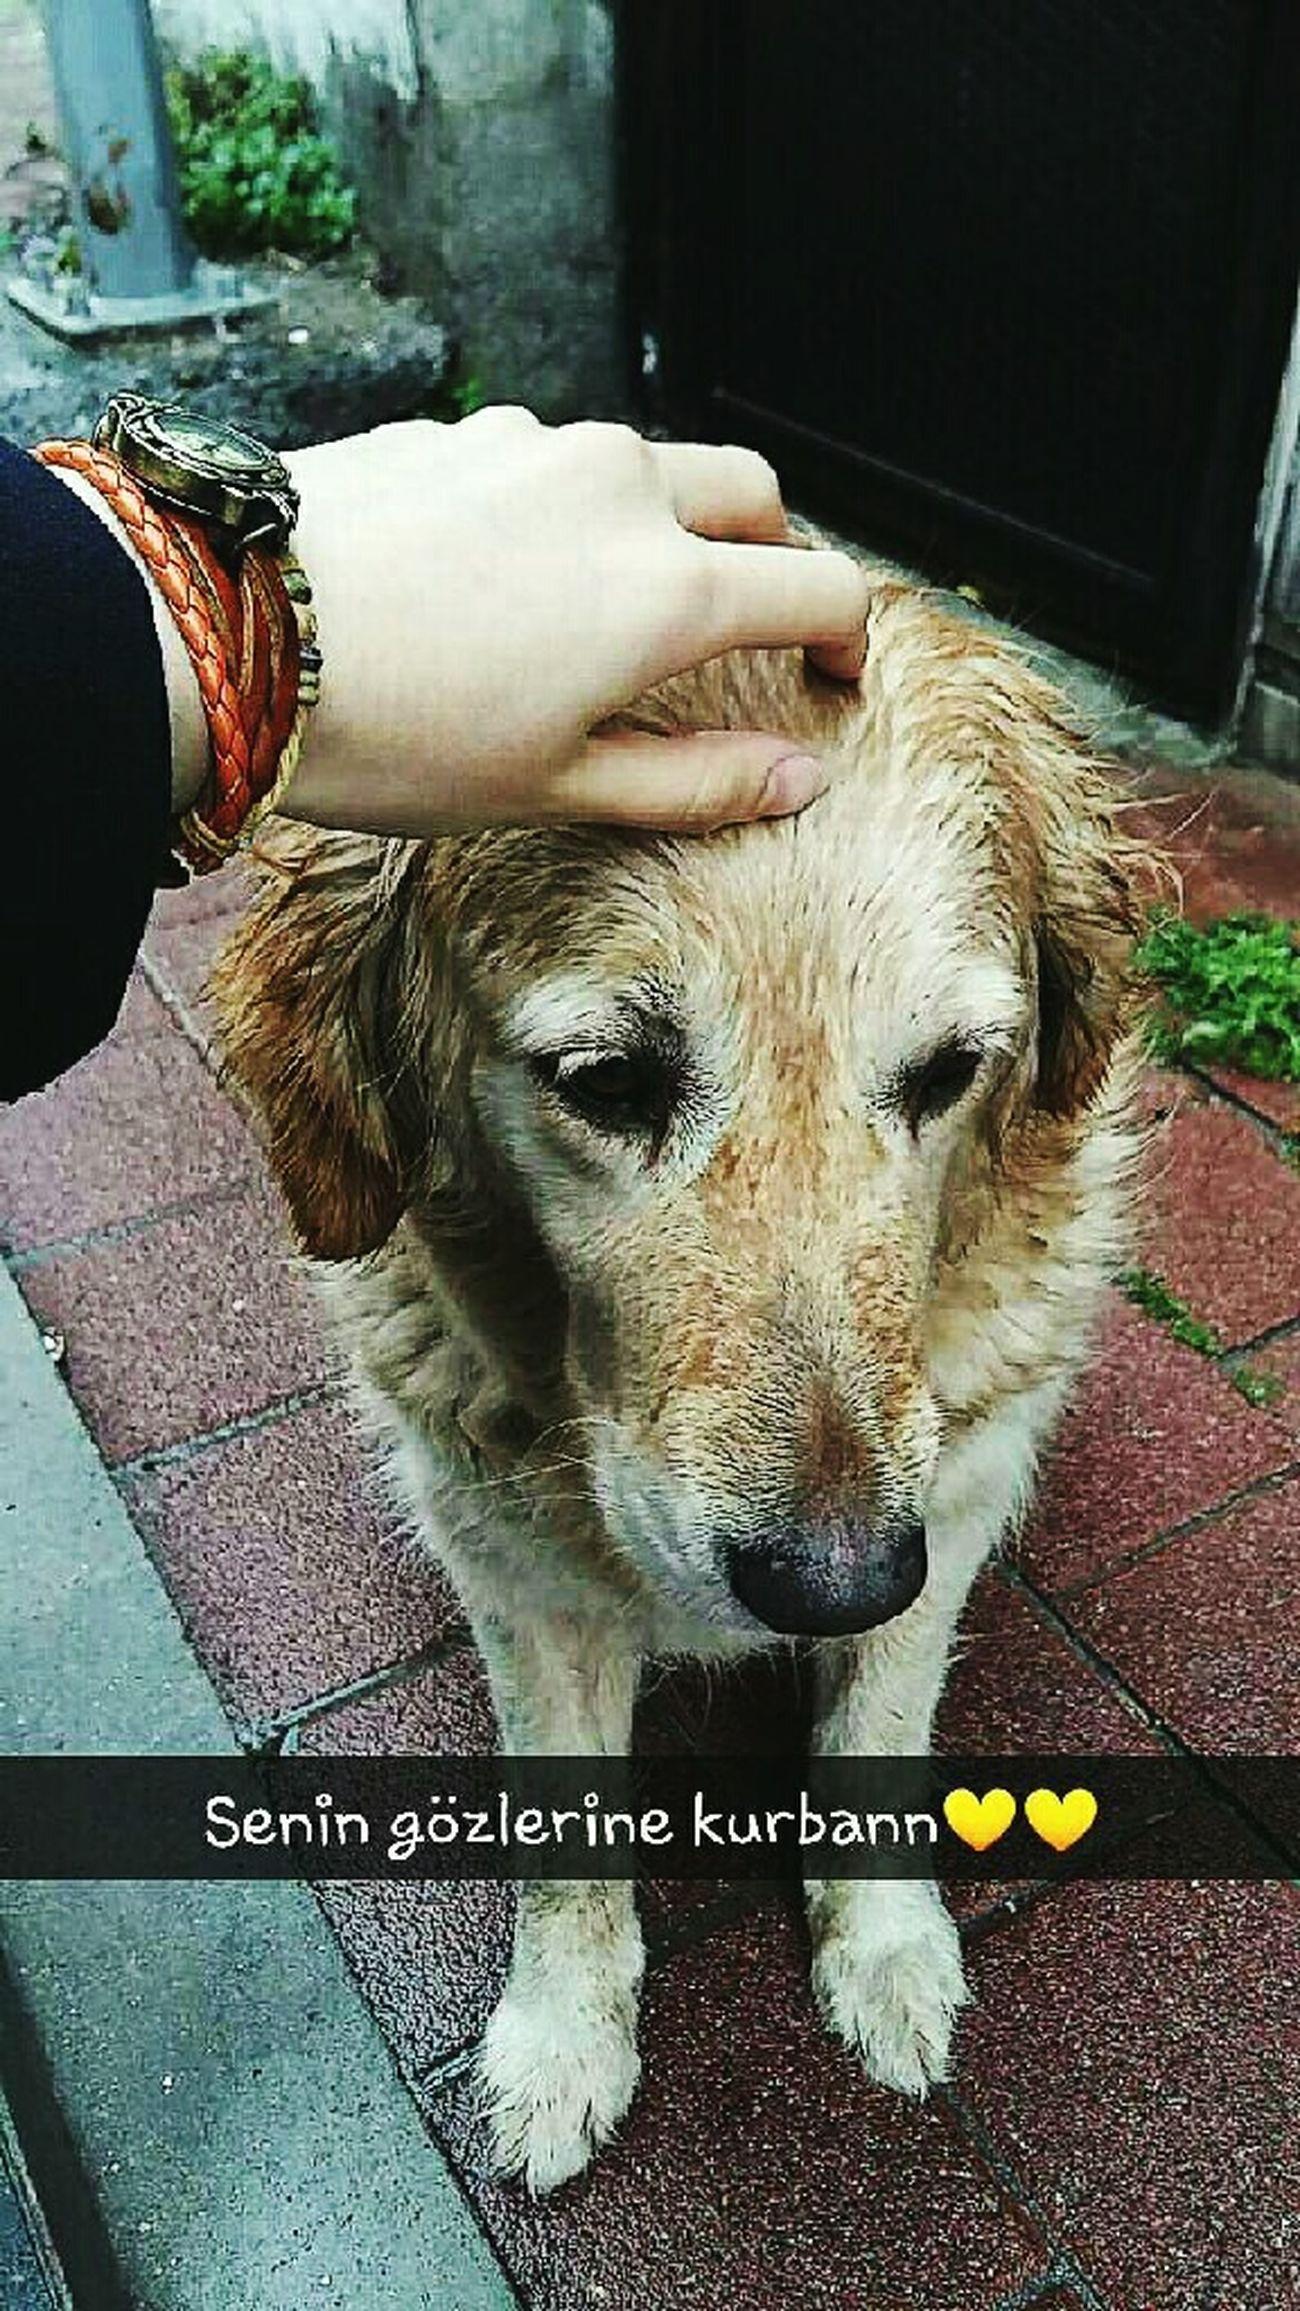 Dog Love Animal Lovelovelove Masum Eye Eye4photography  EyeEmBestPics Thislove Likeforlike #likemyphoto #qlikemyphotos #like4like #likemypic #likeback #ilikeback #10likes #50likes #100likes #20likes #likere Sokaktahayatvar Sokakfotografi Sokaklarınengüzelyanı Favorite Picture Sadeceokşayeter 👑